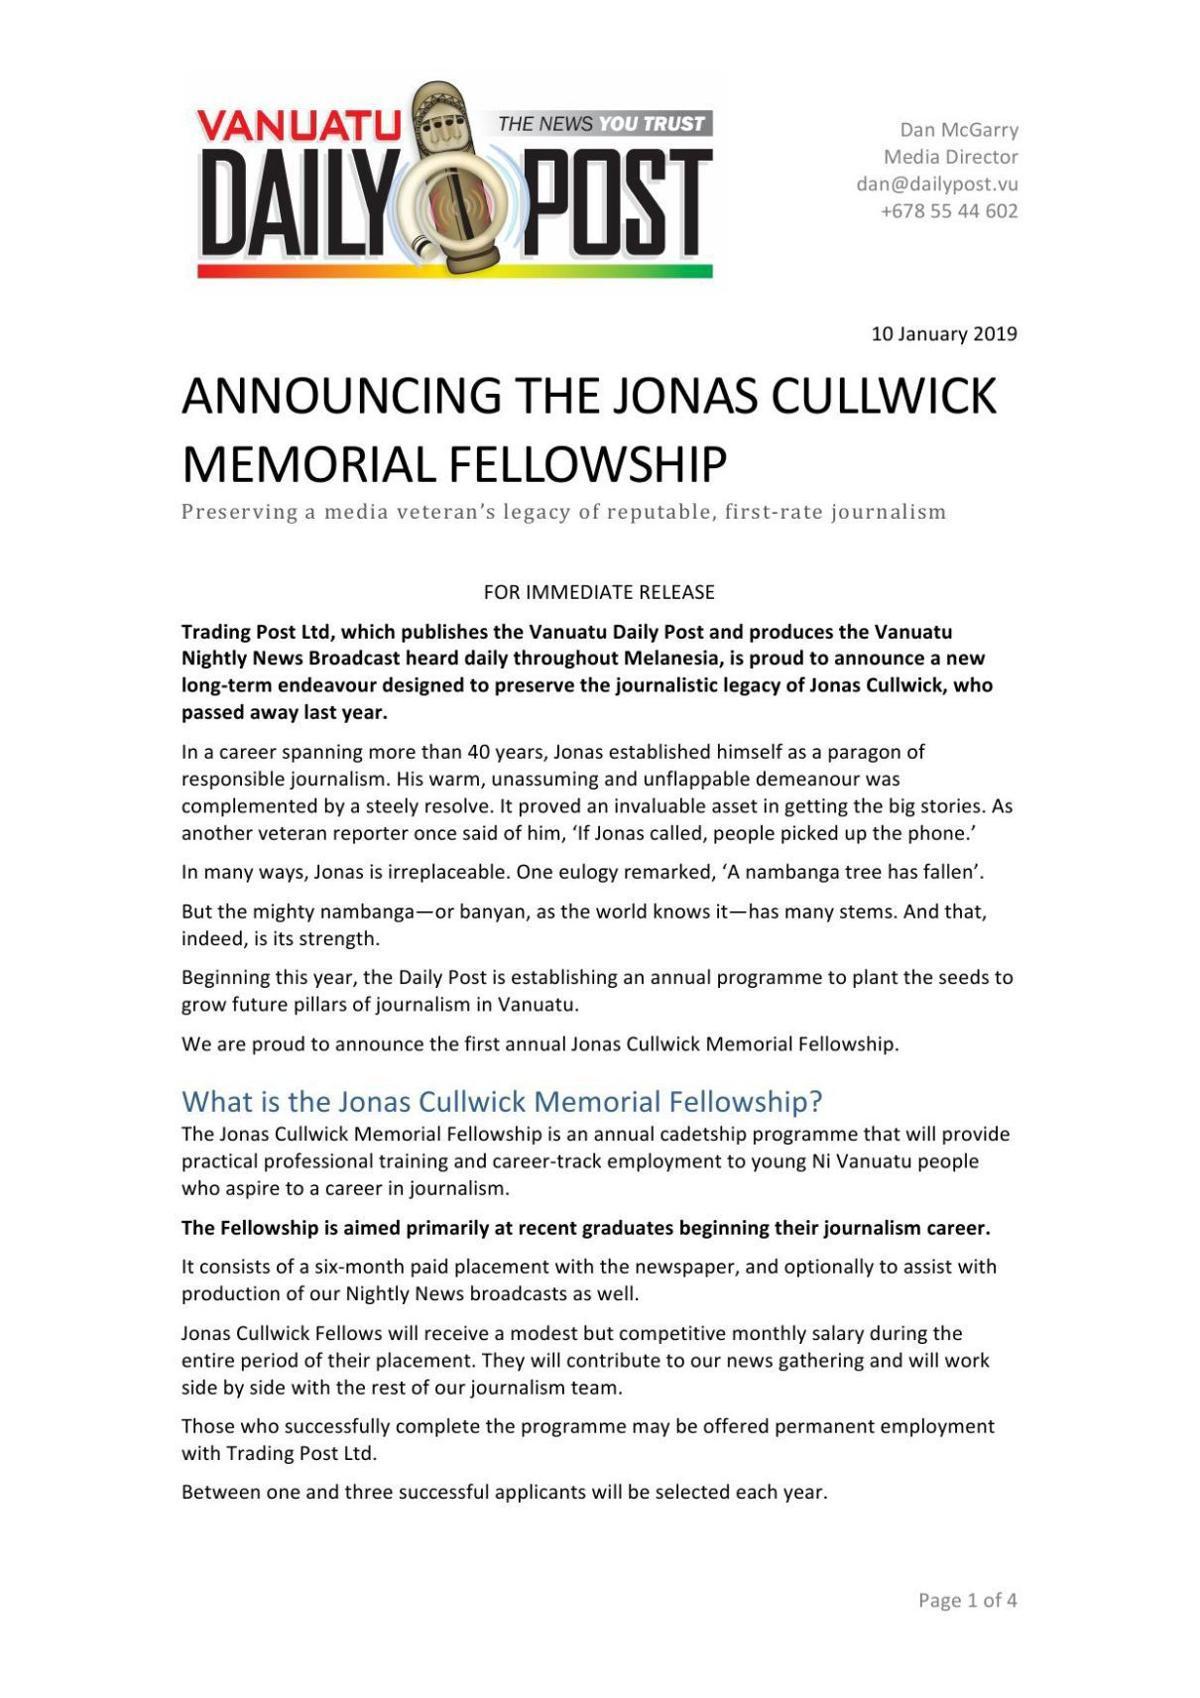 ANNOUNCING THE JONAS CULLWICK MEMORIAL FELLOWSHIP